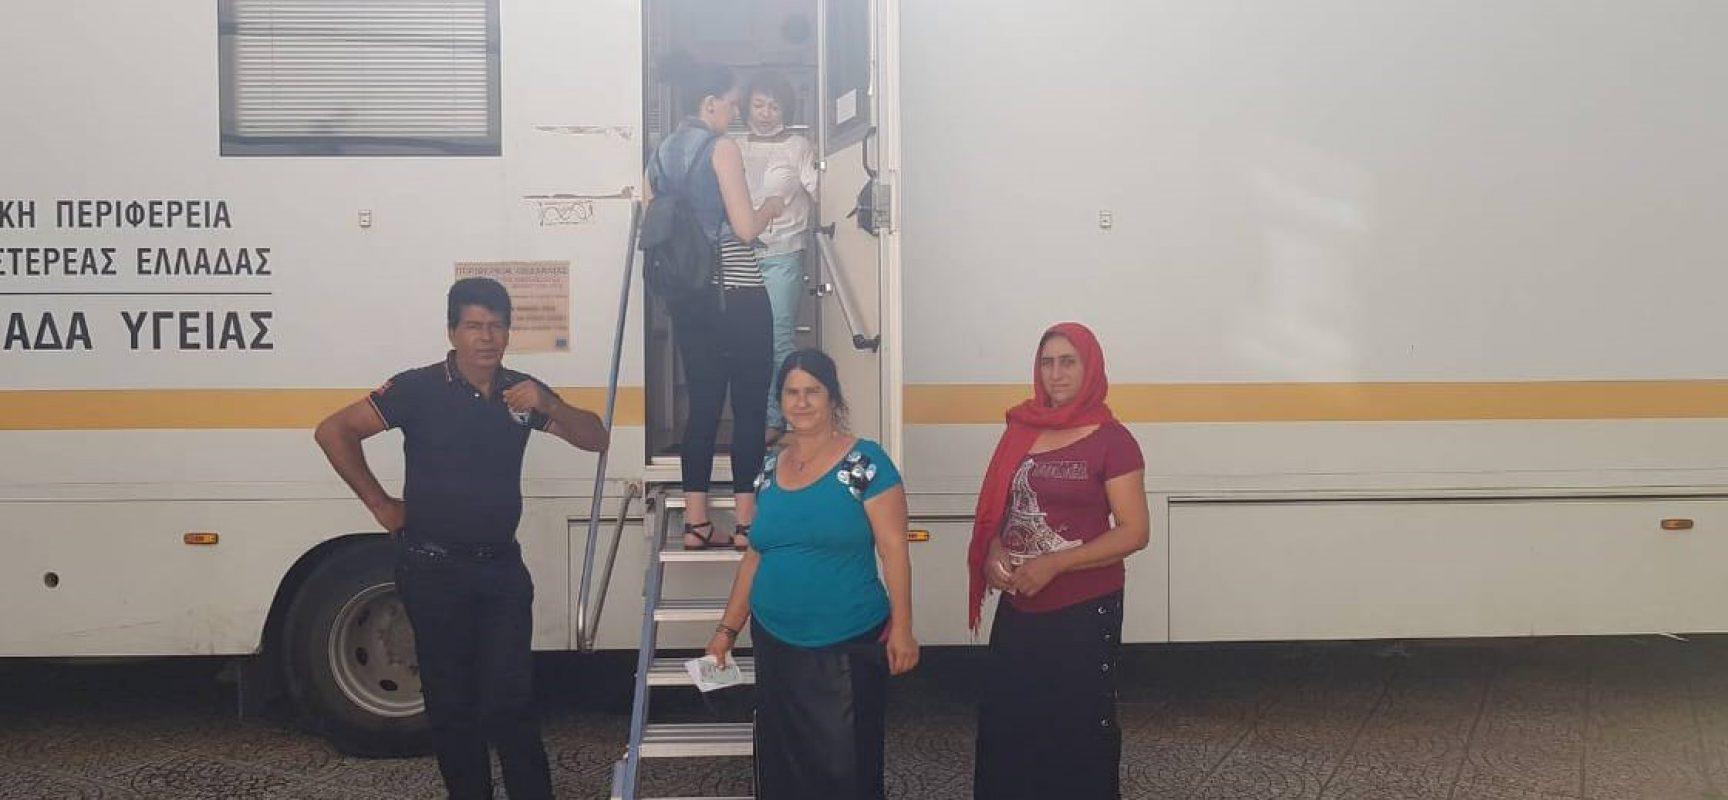 Συμμετοχή και συνεργασία του Παραρτήματος Ρομά του Κέντρου Κοινότητας του Δήμου Σοφάδων με την κινητή μονάδα  της 5ης Υγειονομικής Περιφέρειας Θεσσαλίας και Στερεάς Ελλάδας